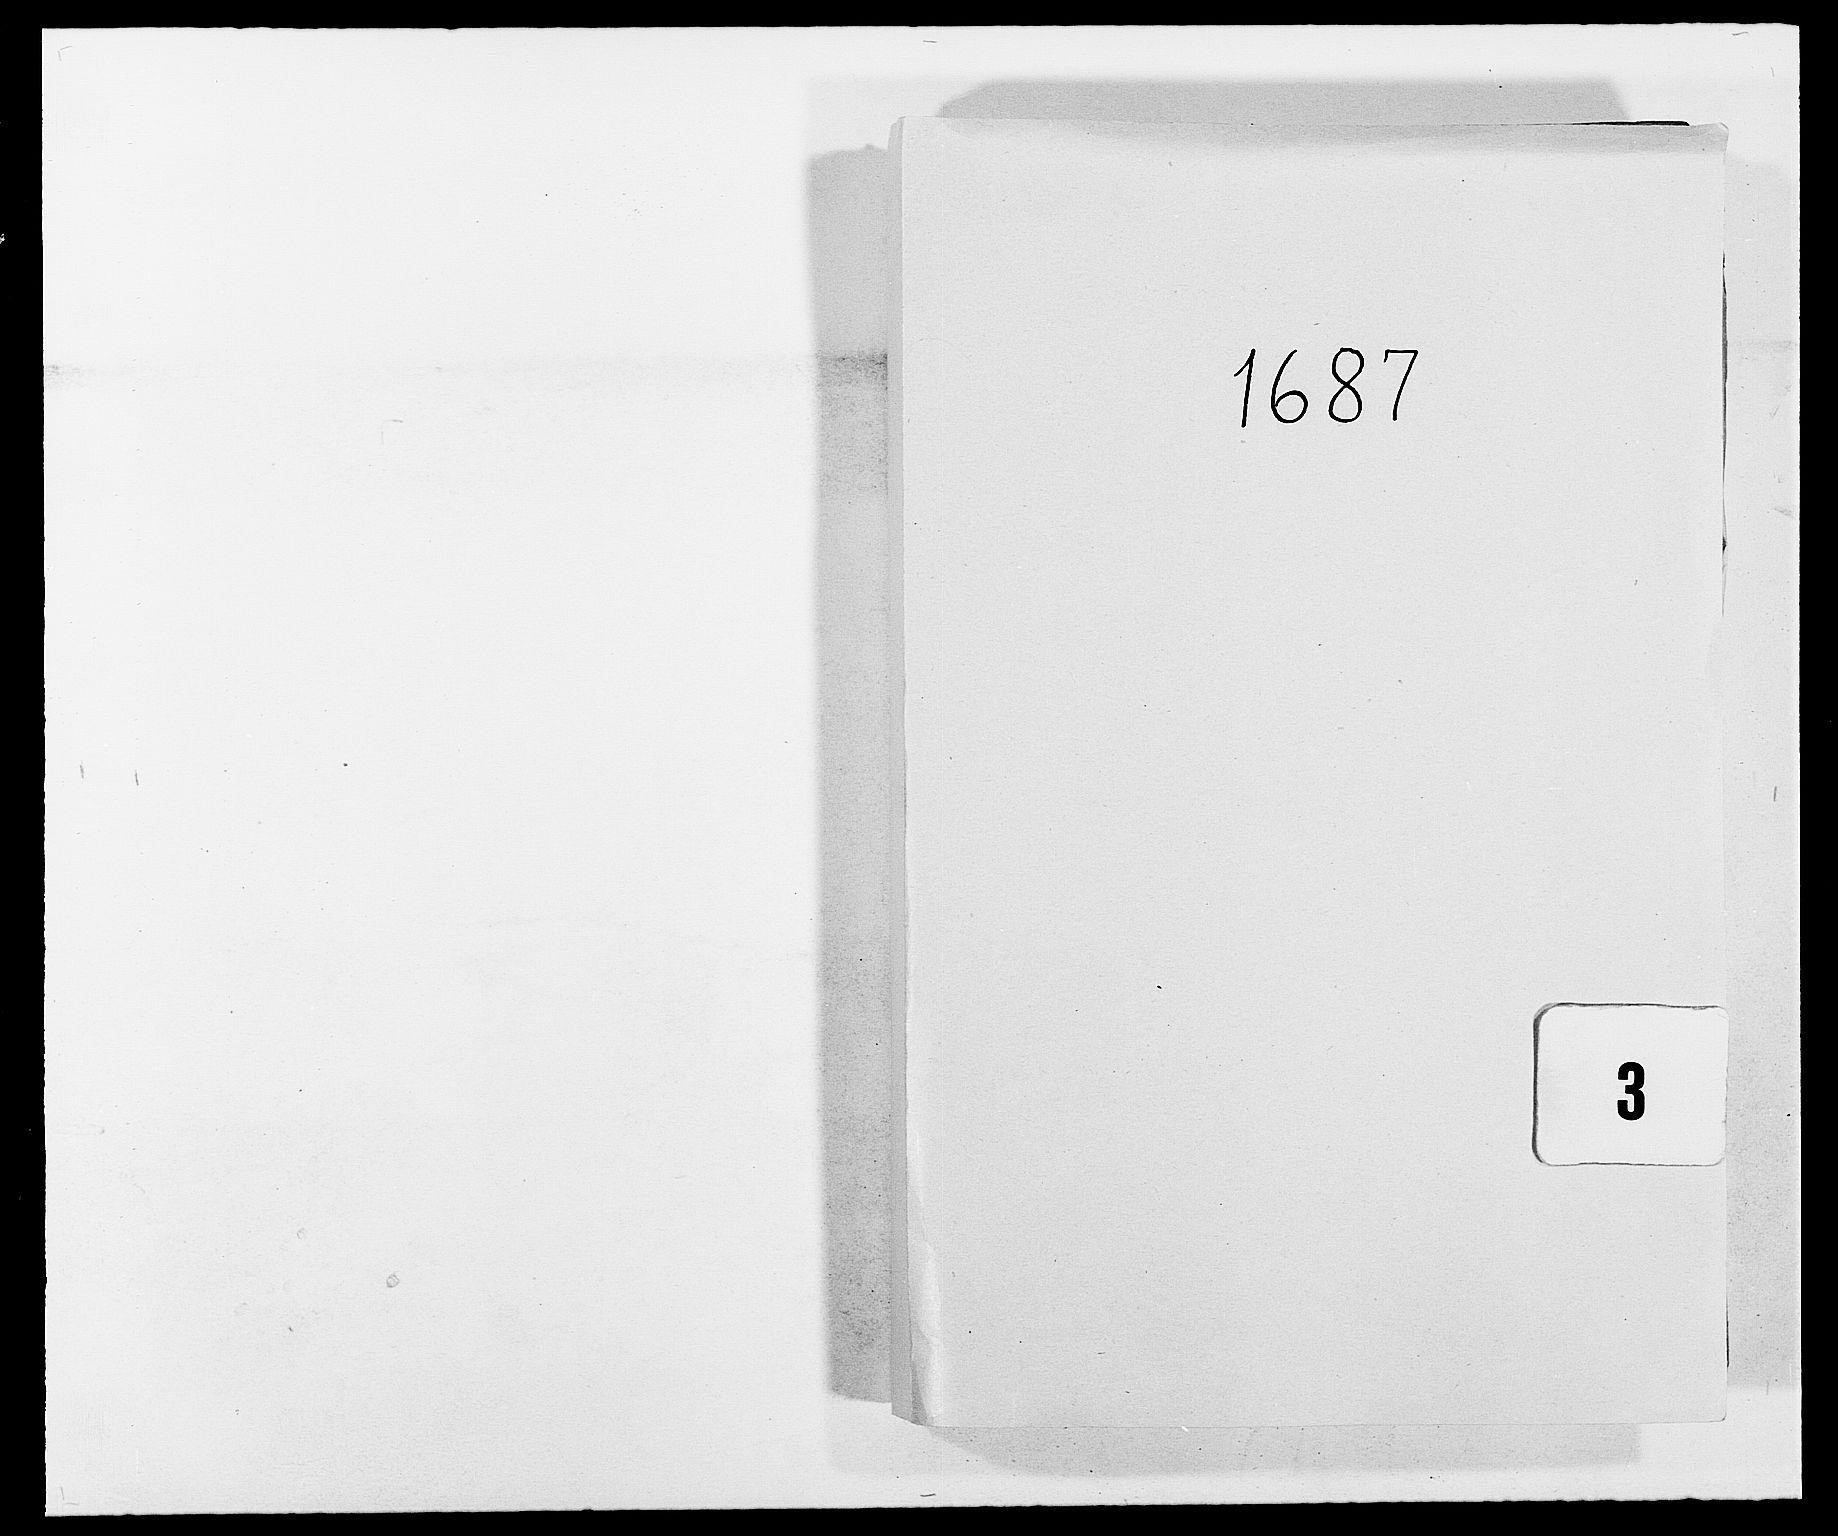 RA, Rentekammeret inntil 1814, Reviderte regnskaper, Fogderegnskap, R02/L0105: Fogderegnskap Moss og Verne kloster, 1685-1687, s. 262